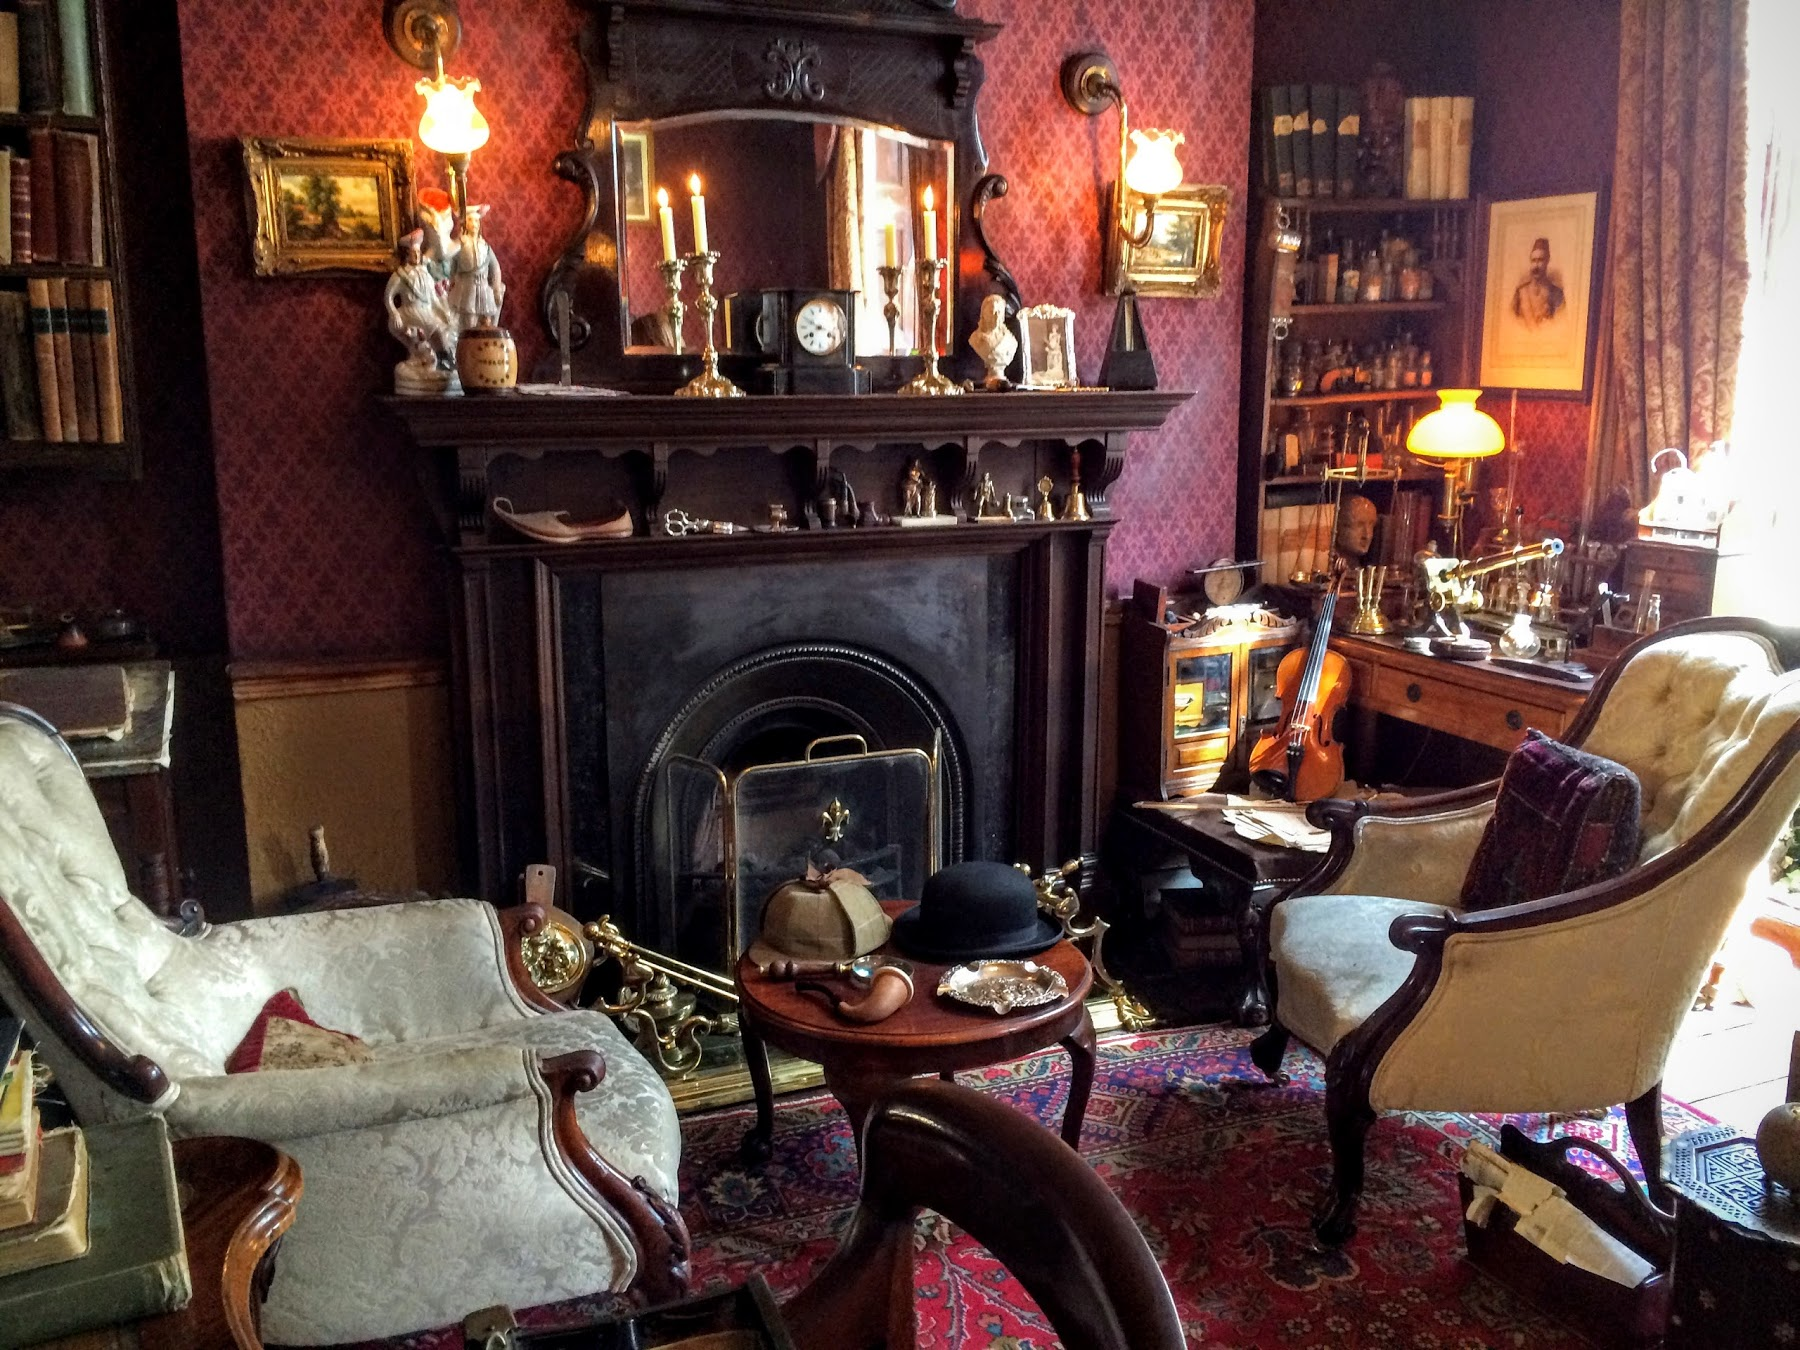 シャーロック・ホームズ博物館 The Sherlock Holmes Museum London Xyz